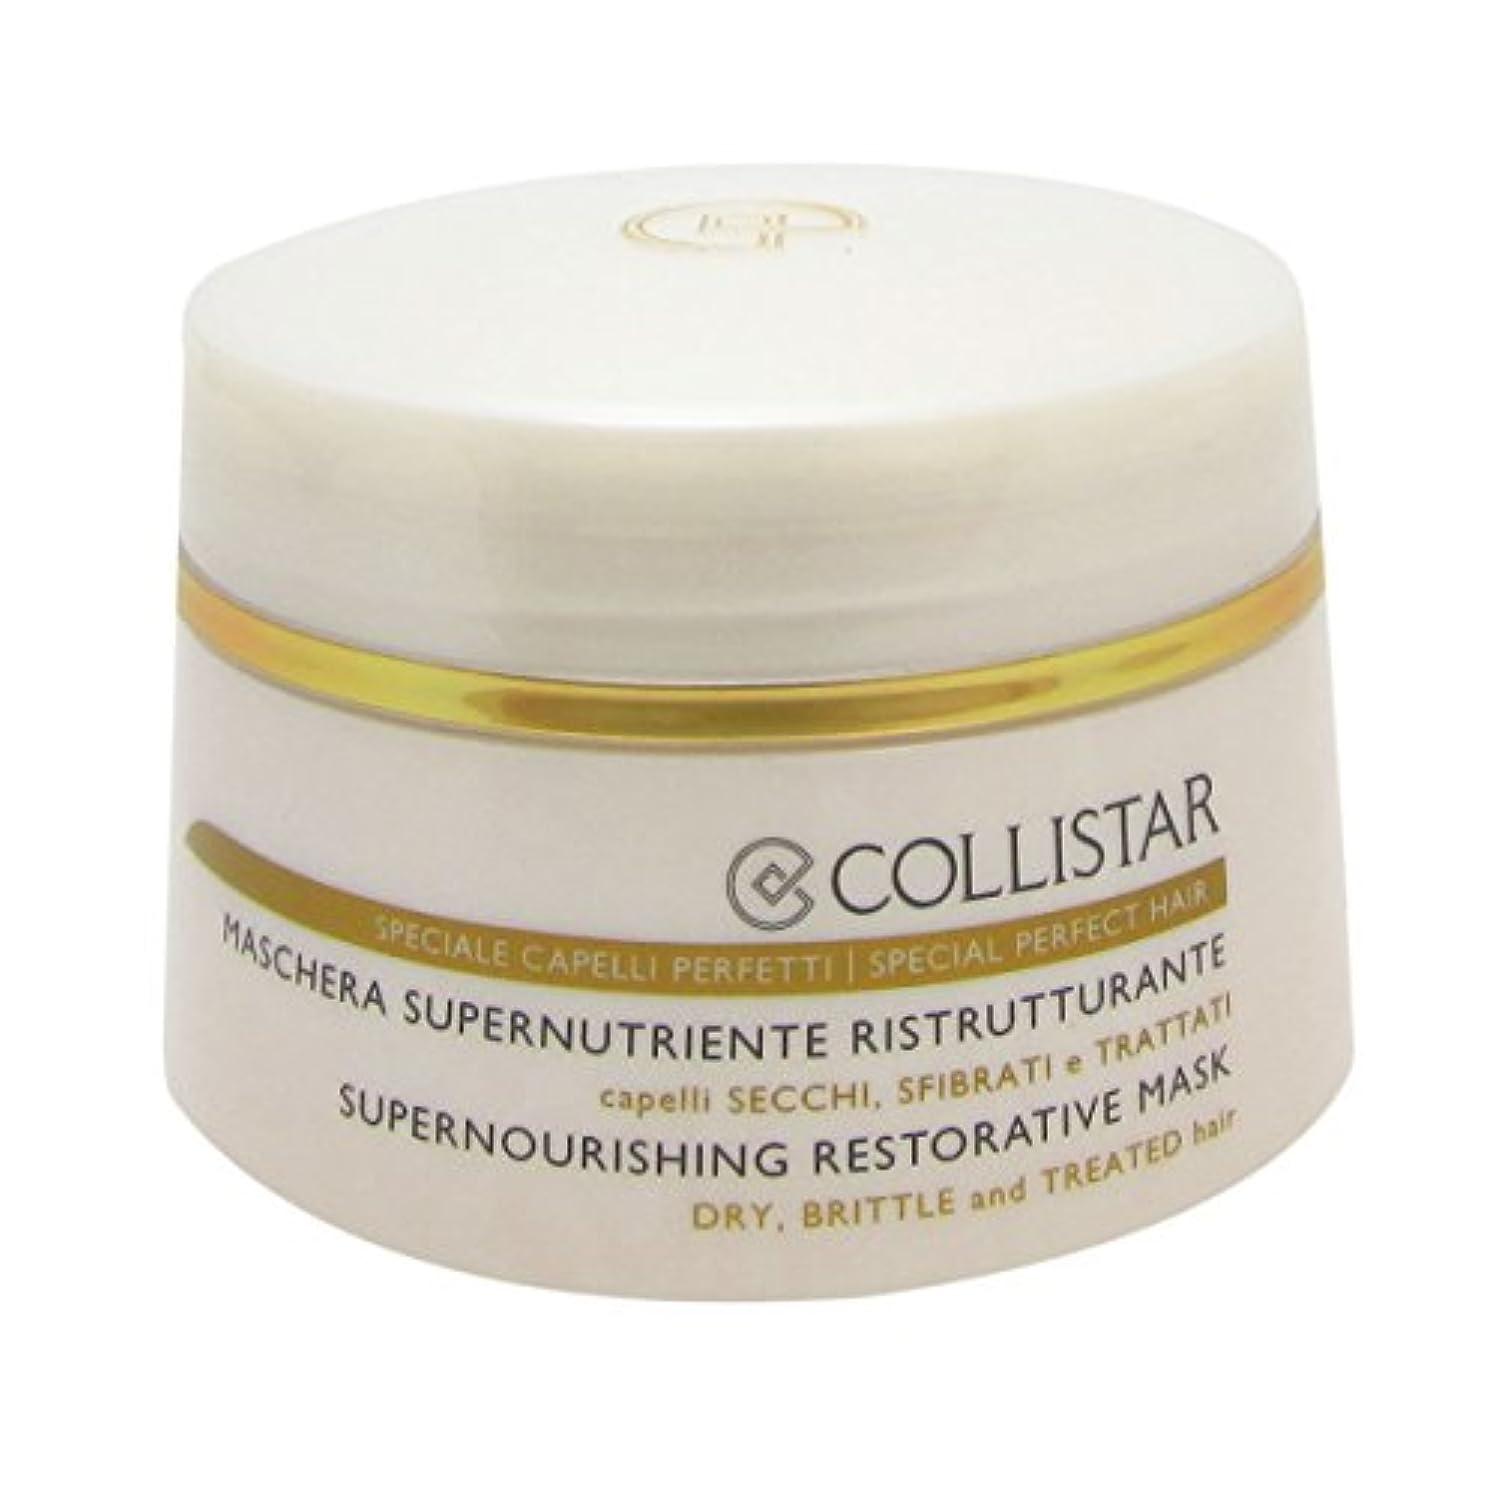 任命計算する論理的にCollistar Supernourishing Restorative Mask 200ml [並行輸入品]